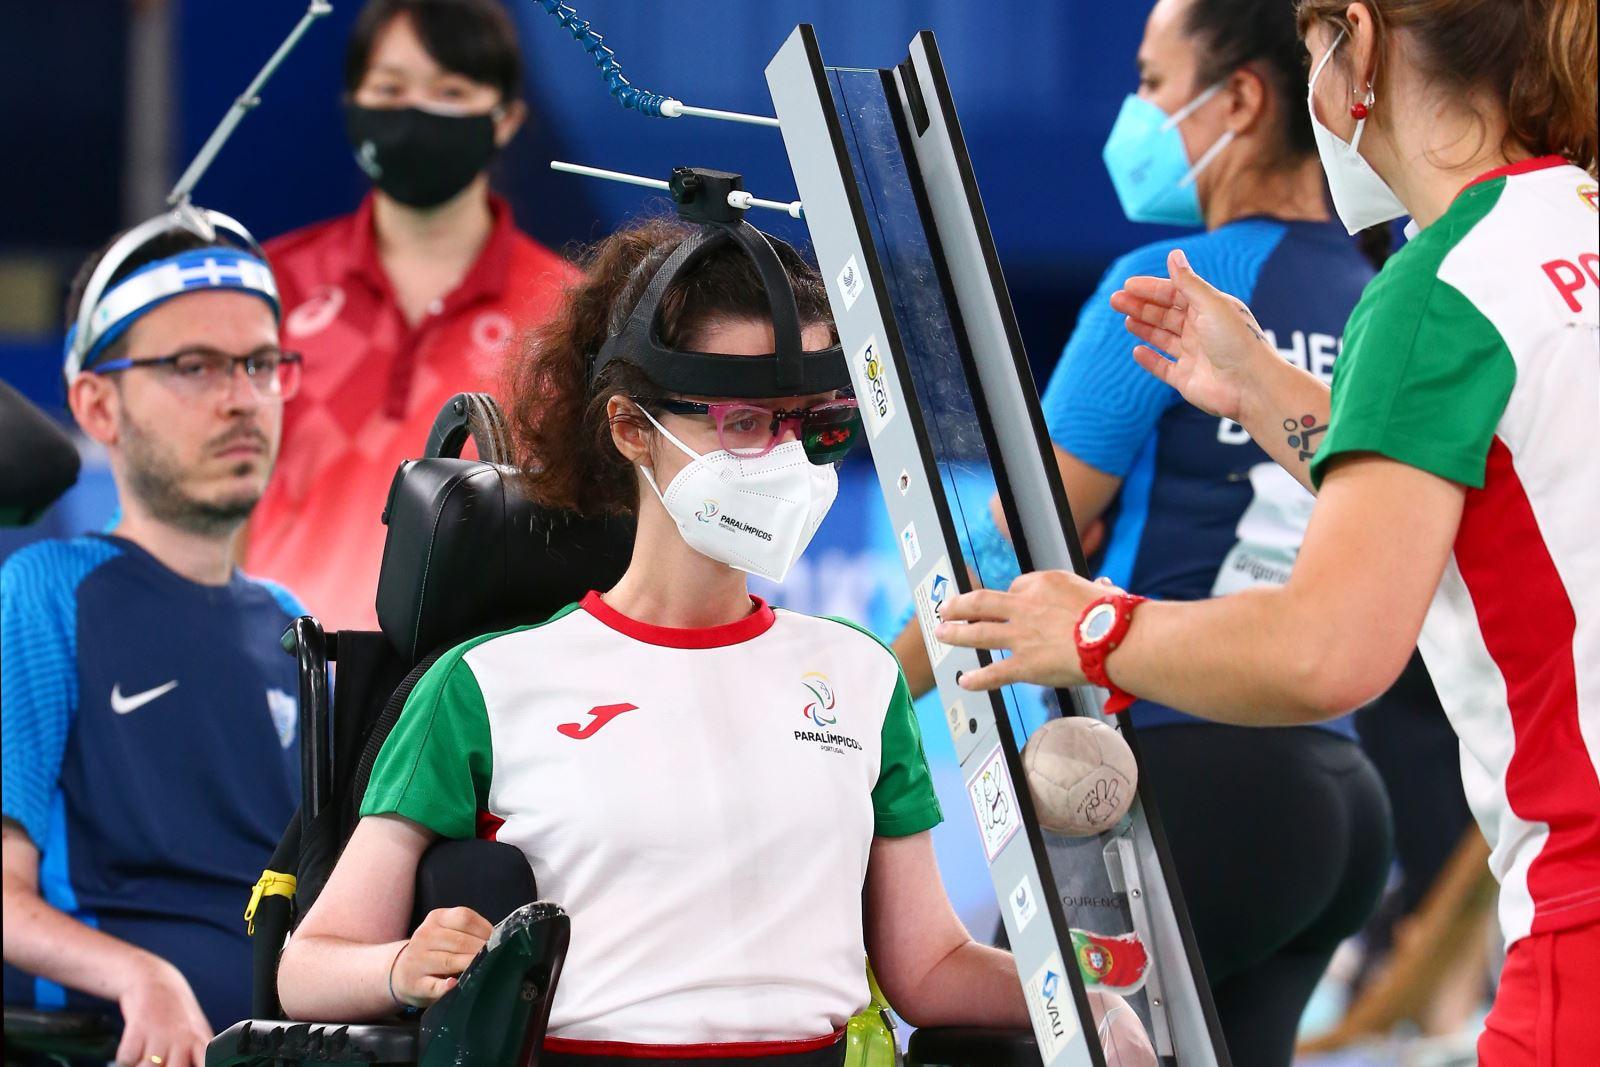 Jogos Paralímpicos   'Umas vezes ganha-se, outras aprende-se. Sei que aprendi'